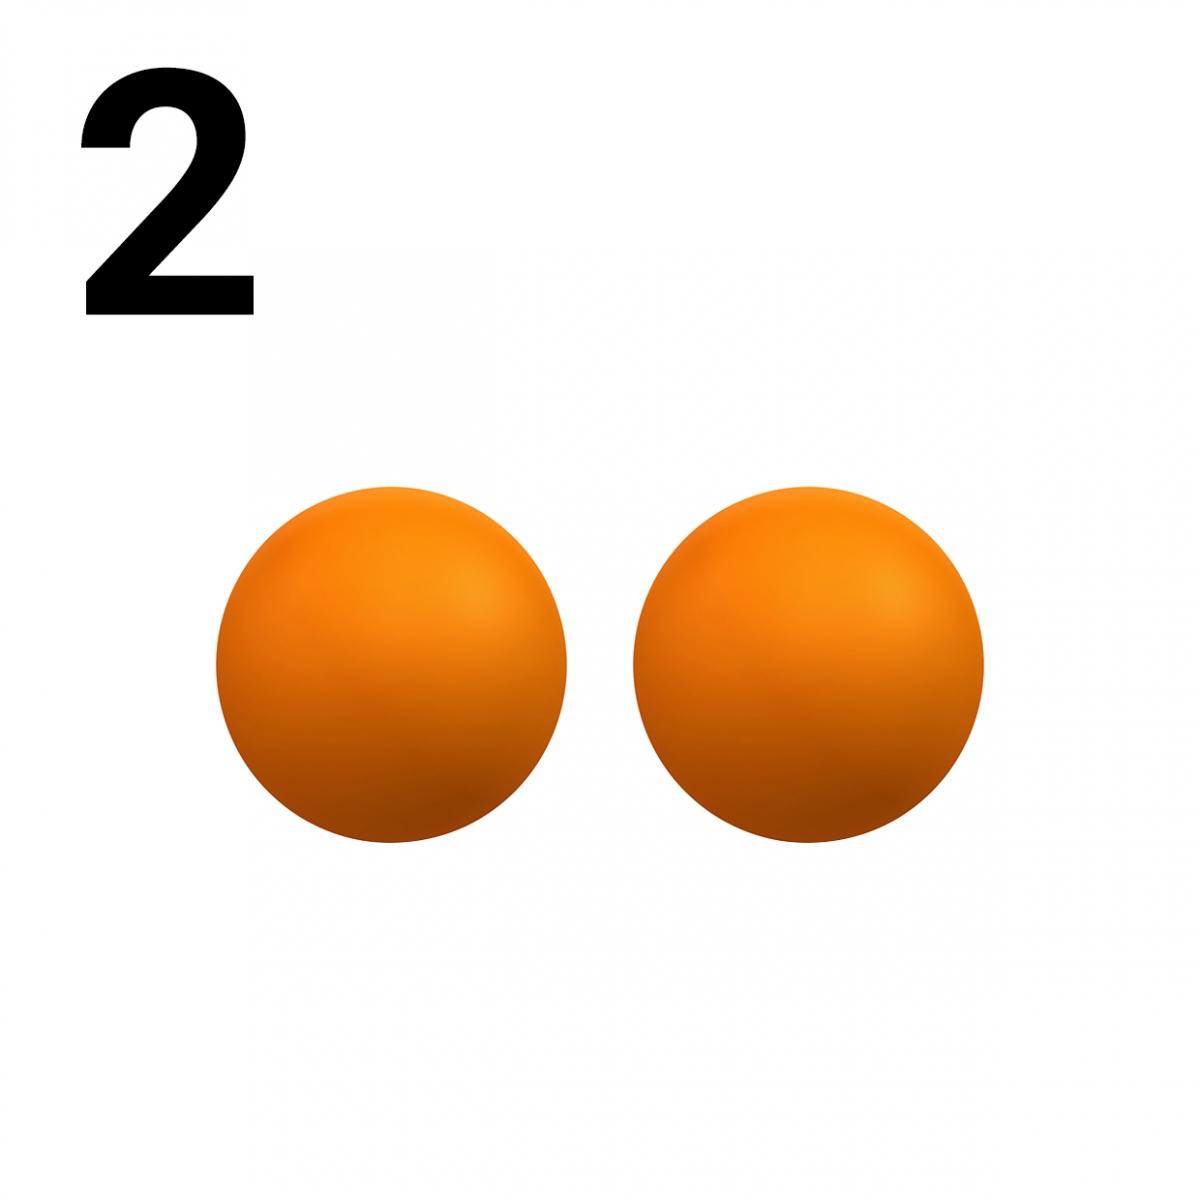 Imagen en la que se representa el número dos